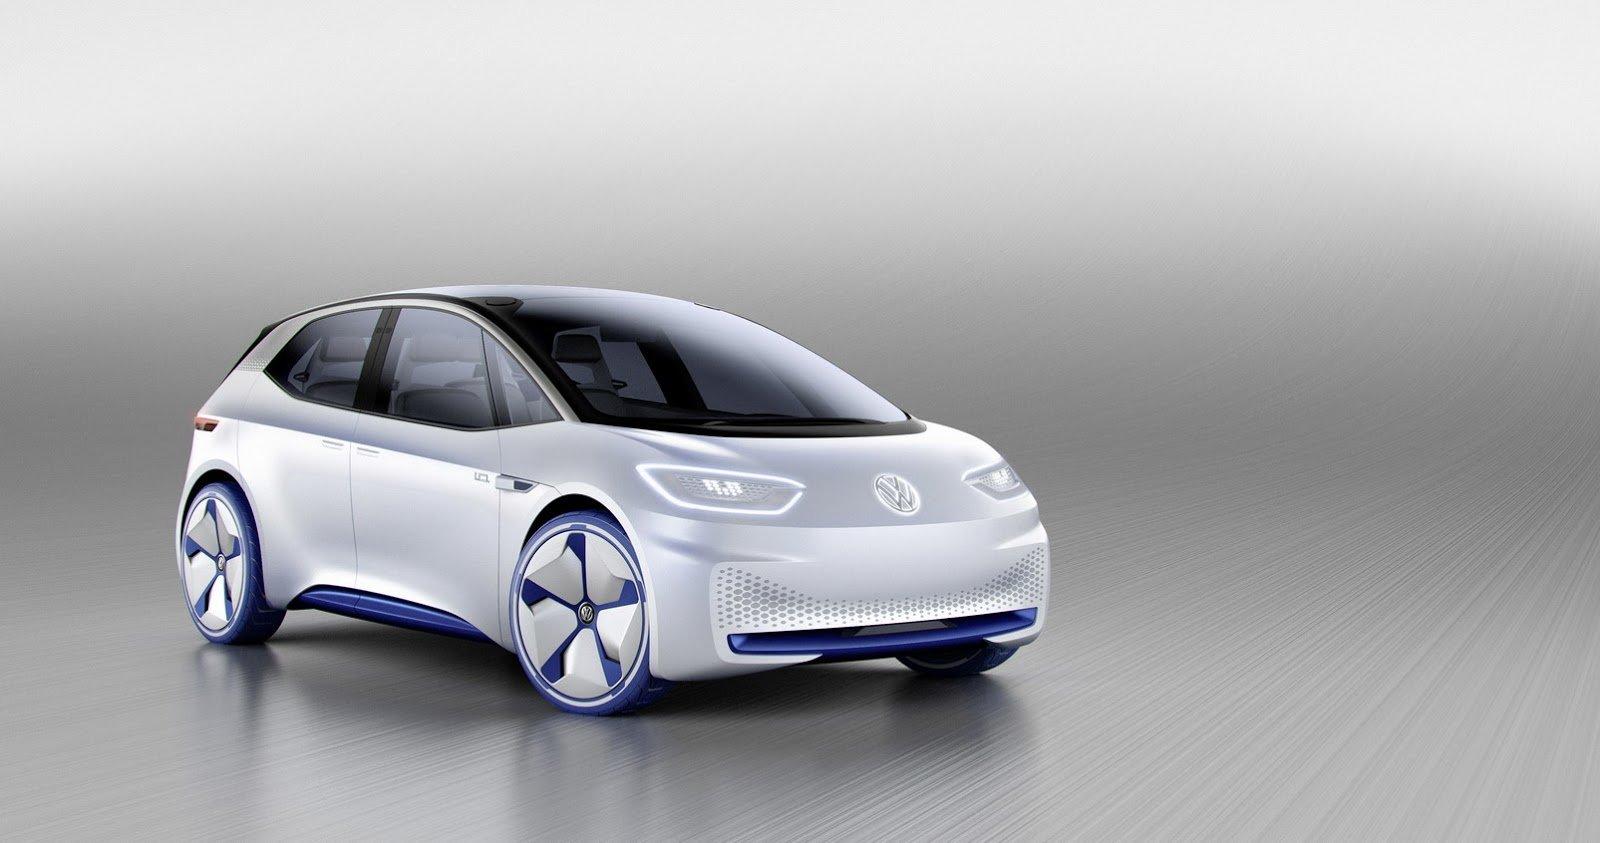 Volkswagen I.D. je prvním chystaným elektromobilem z rodiny I.D., kterého se dočkáme v produkční verzi.